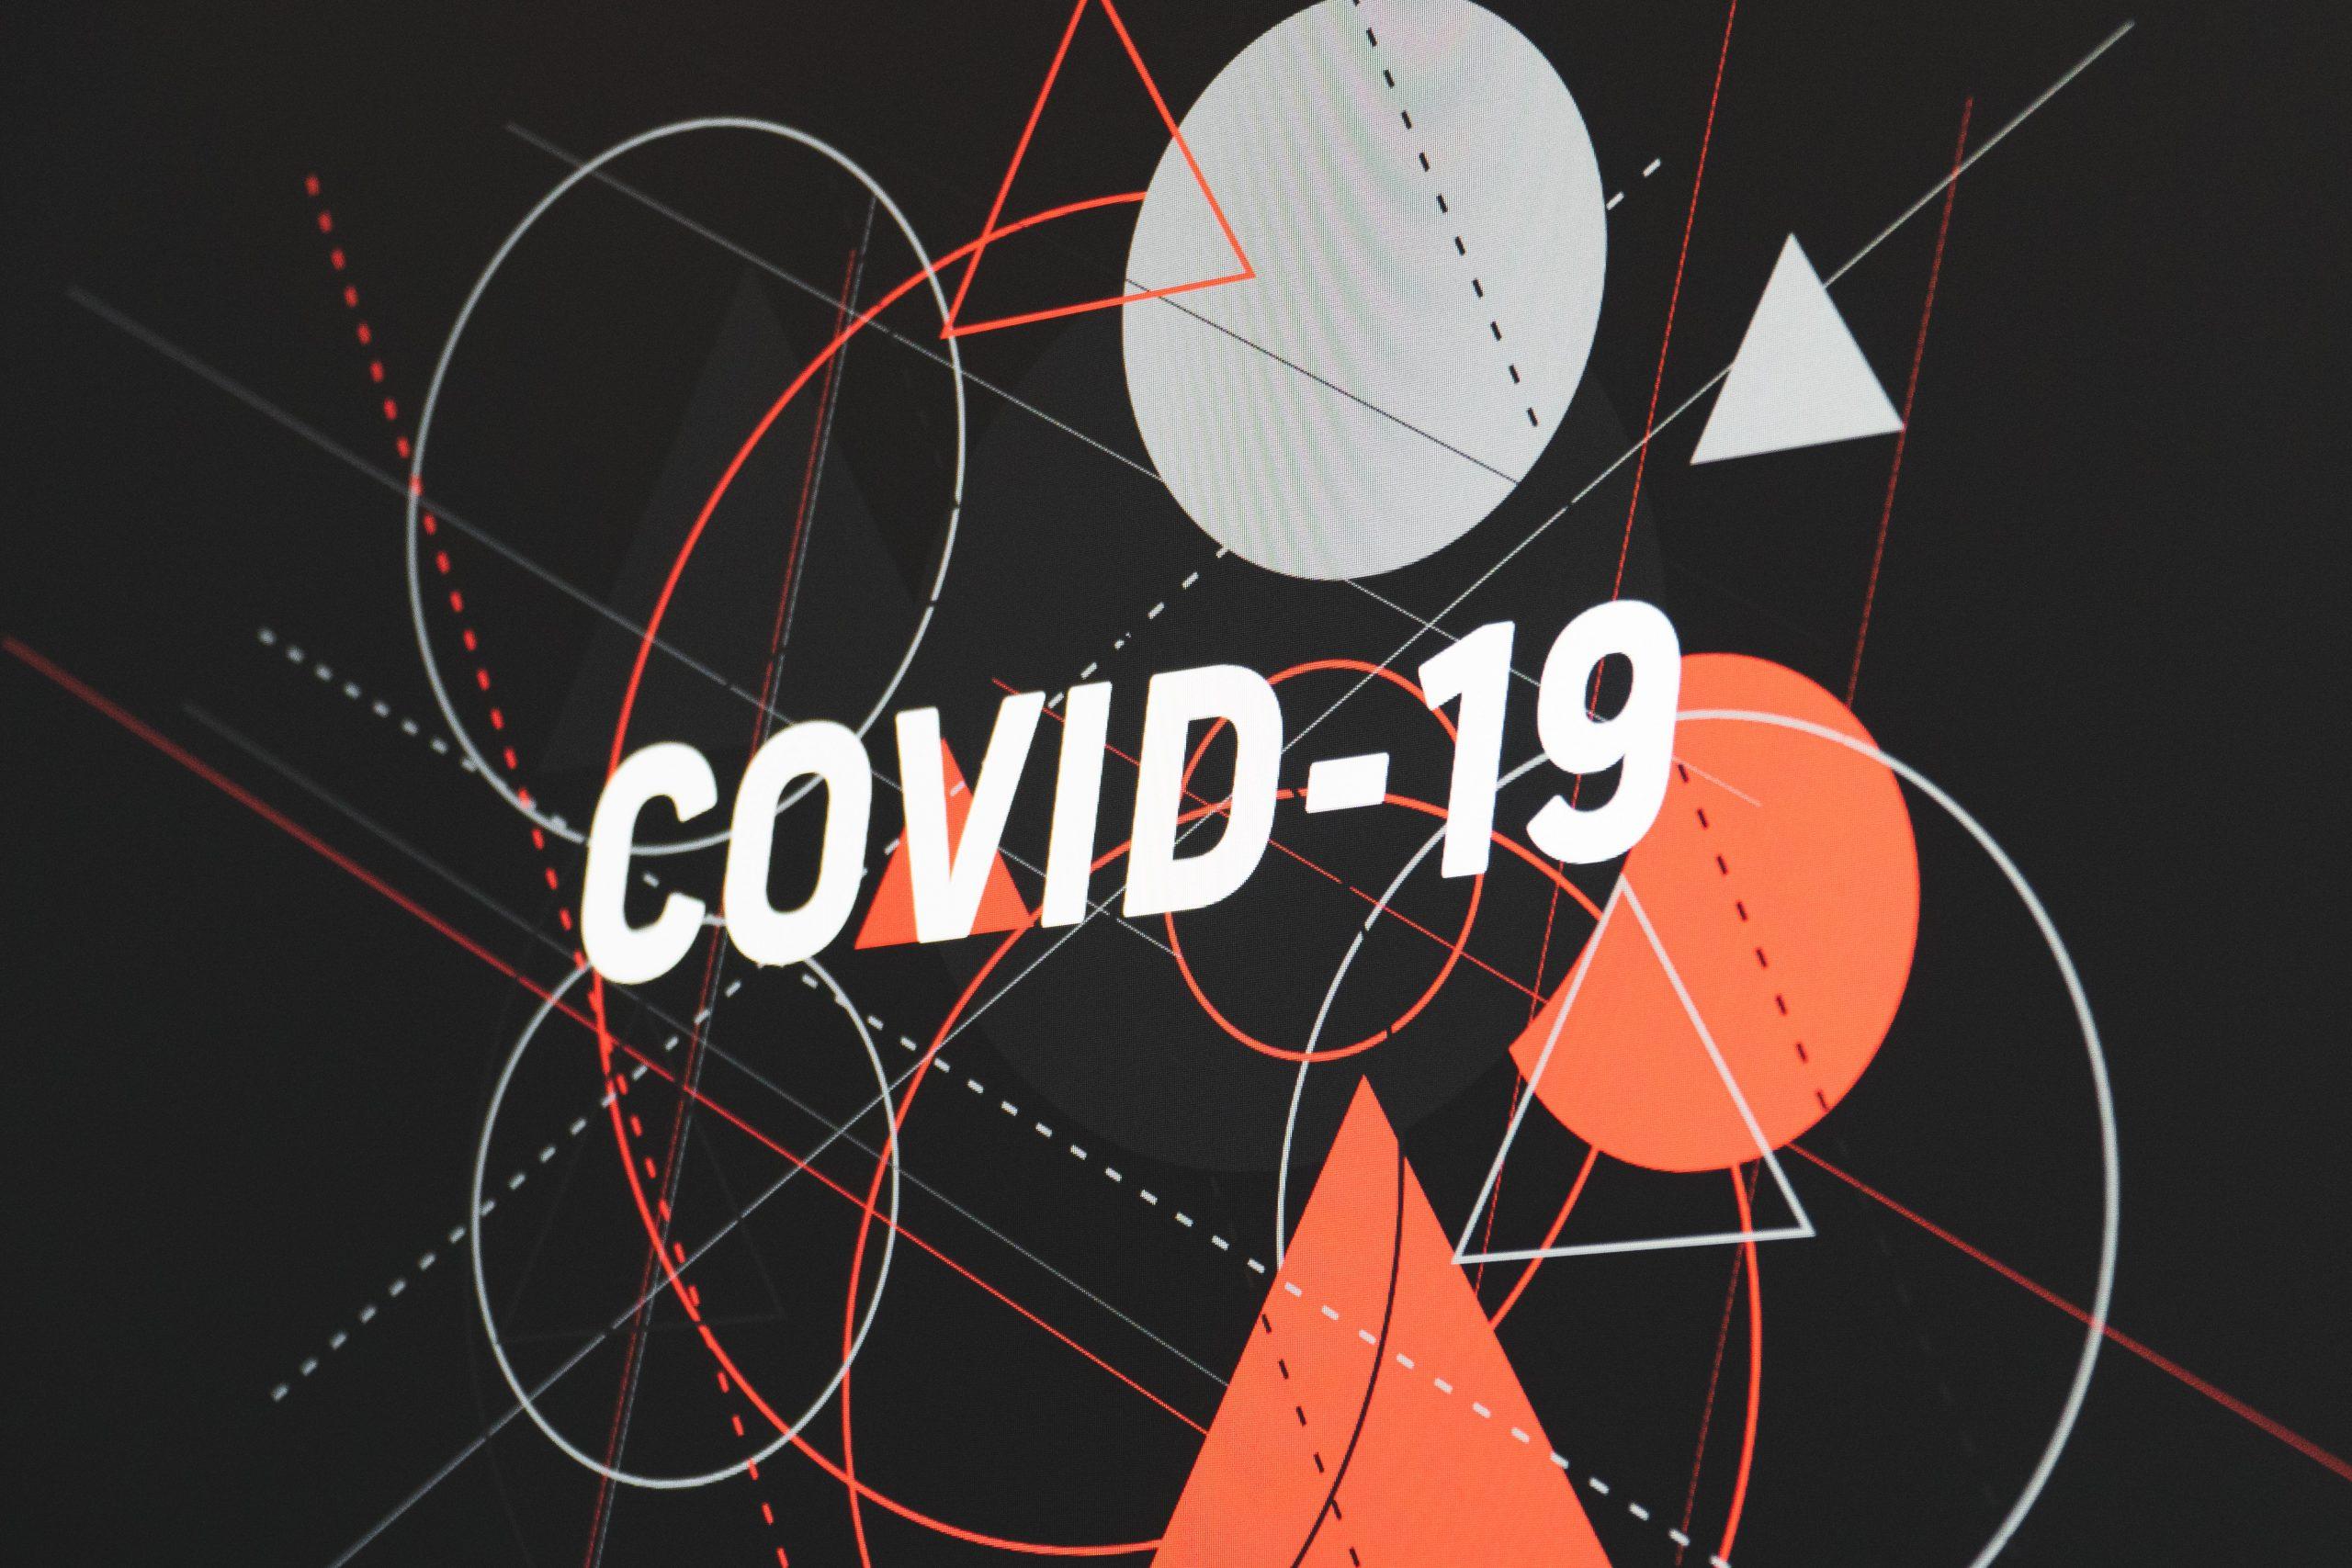 EM is calling – « Covid-19 : au cœur d'une cellule de crise », avec Jacques-Emmanuel Saulnier, Directeur de la Communication du groupe Total<